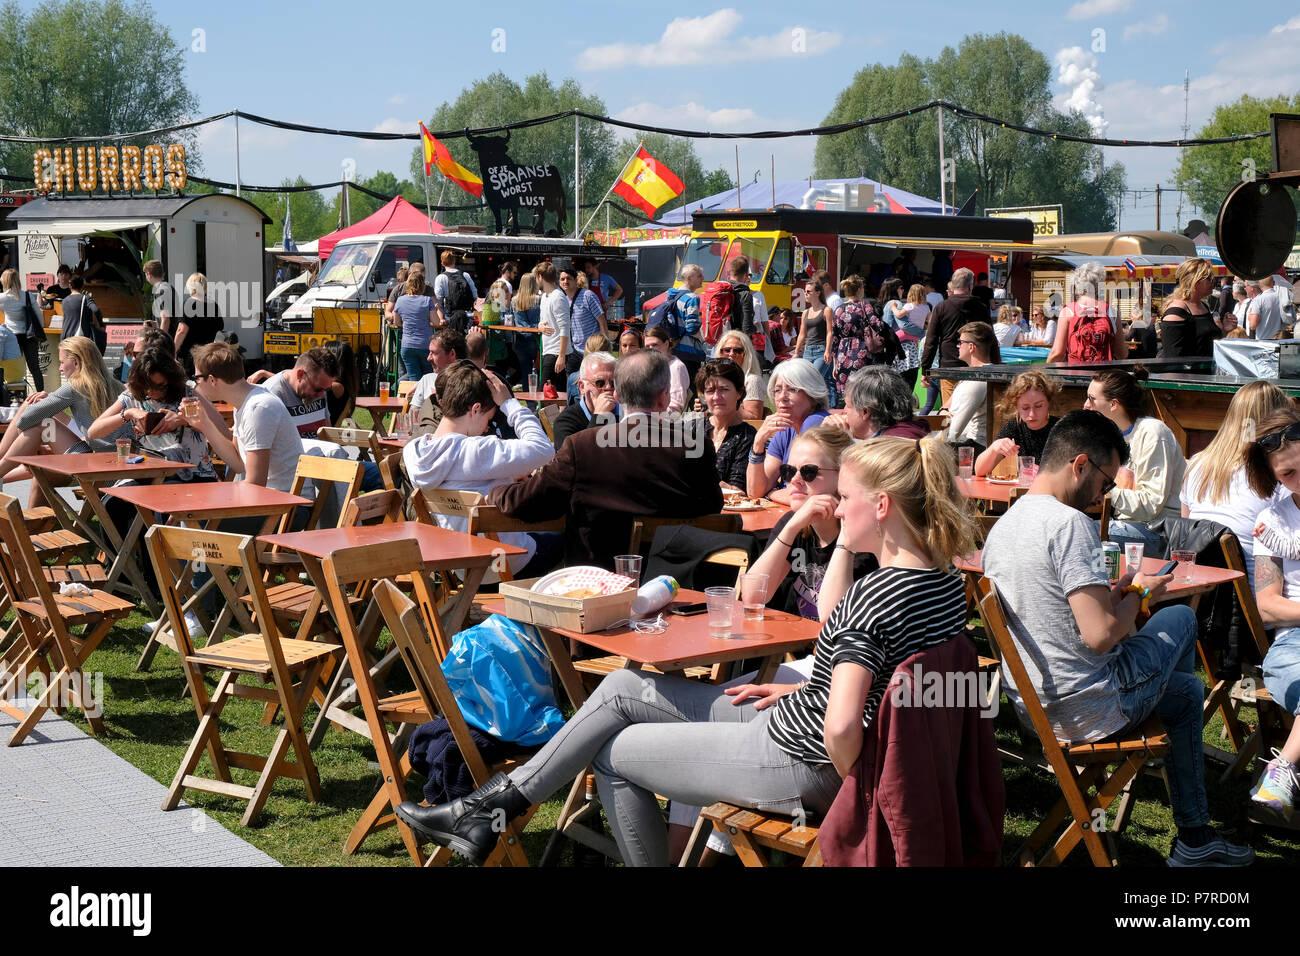 De Rollende Keukens : Food festival de rollende keukens the rolling kitchens in